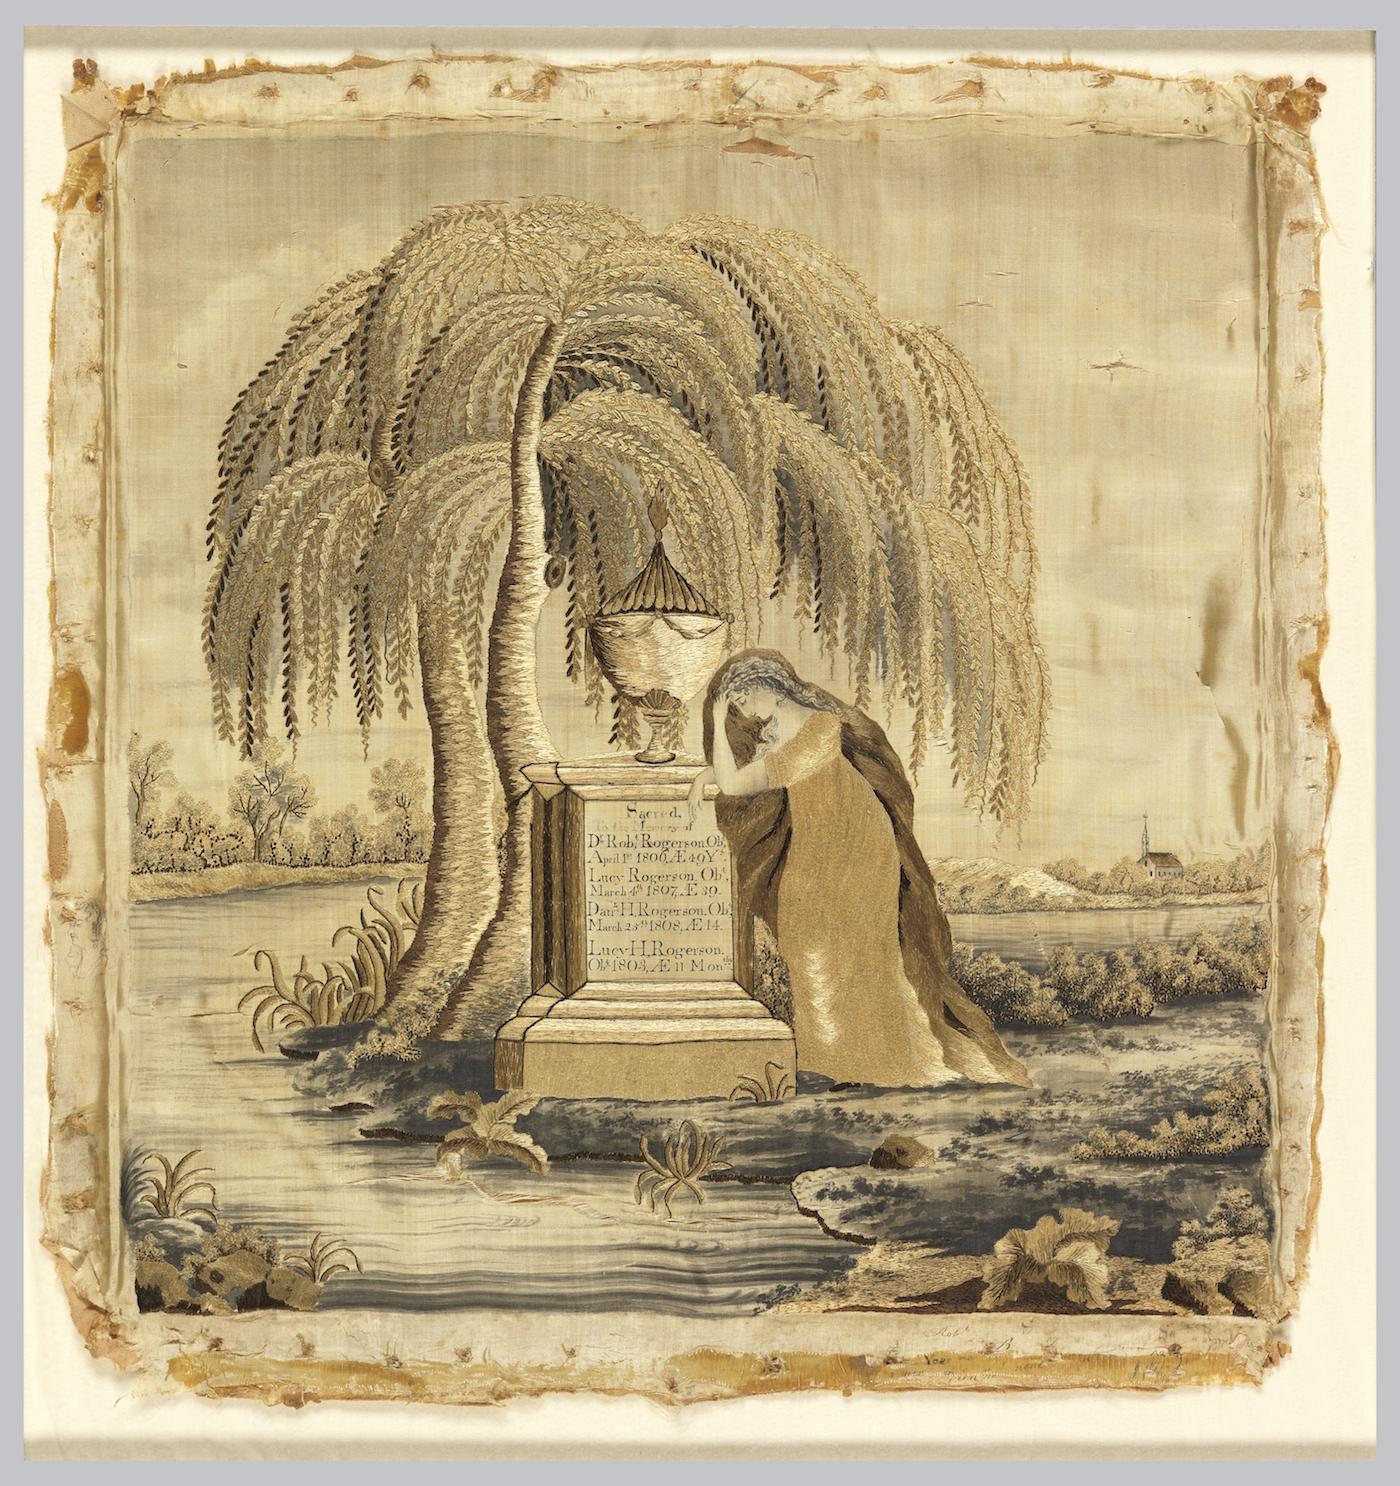 English mourning sampler (ca. 1810)